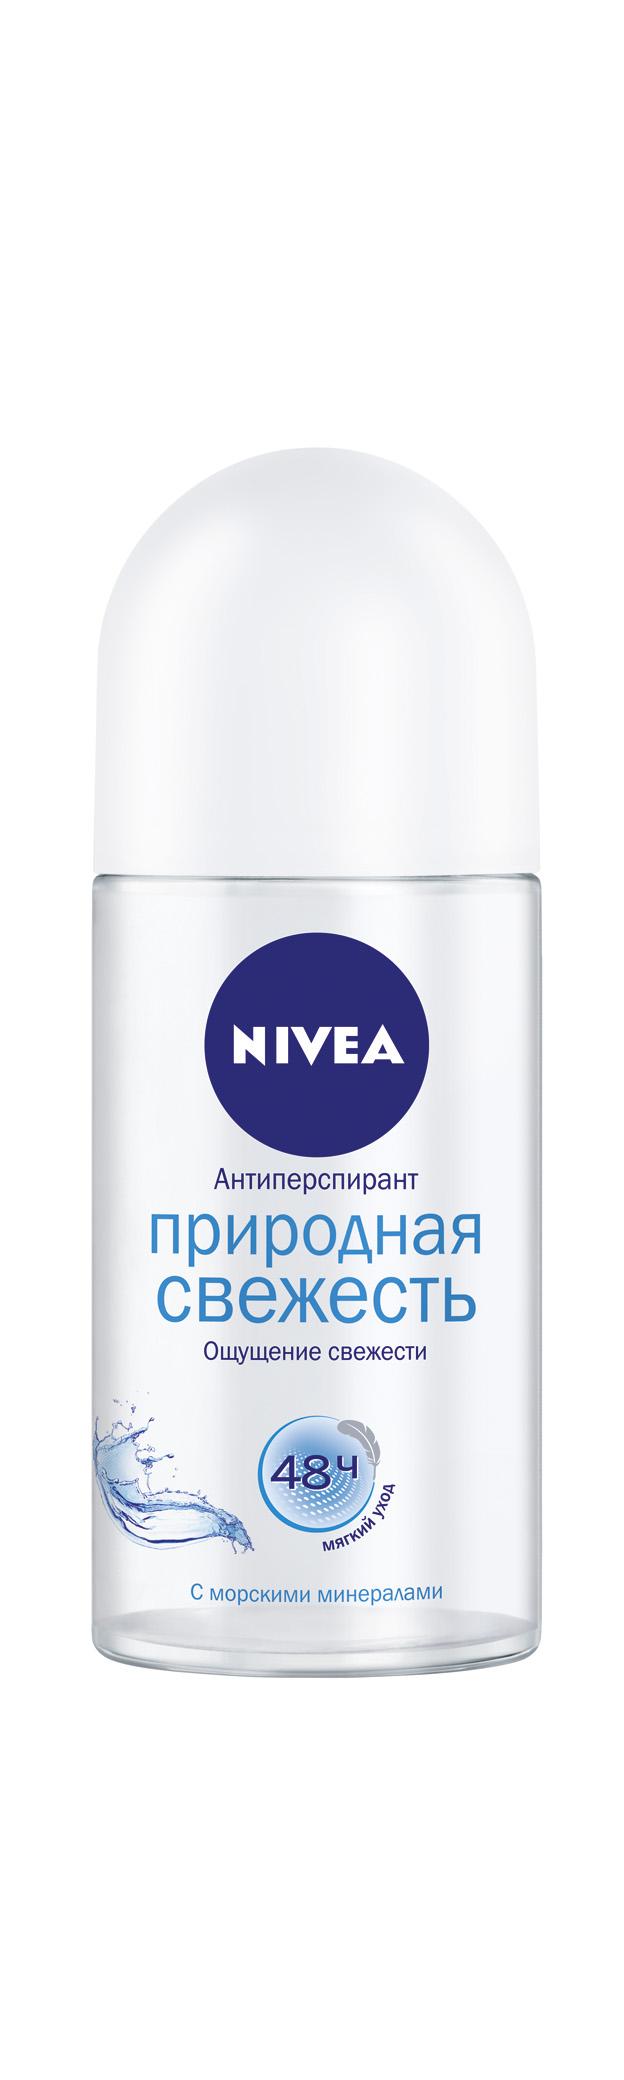 Nivea Дезодорант-антиперспирант шариковый Природная свежесть, женский, 50 мл10043480Дезодорант-антиперспирант для женщин Природная свежесть от NIVEA обеспечивает надежную защиту от пота и запаха, дарит круглосуточное ощущение свежести. В его состав входят натуральные морские минералы, что обеспечивает приятное ощущение свежести в течение 48 часов. Он приятно освежает и дарит легкость движения и общения. обладает свежим ароматом дерматологически протестировано Товар сертифицирован.